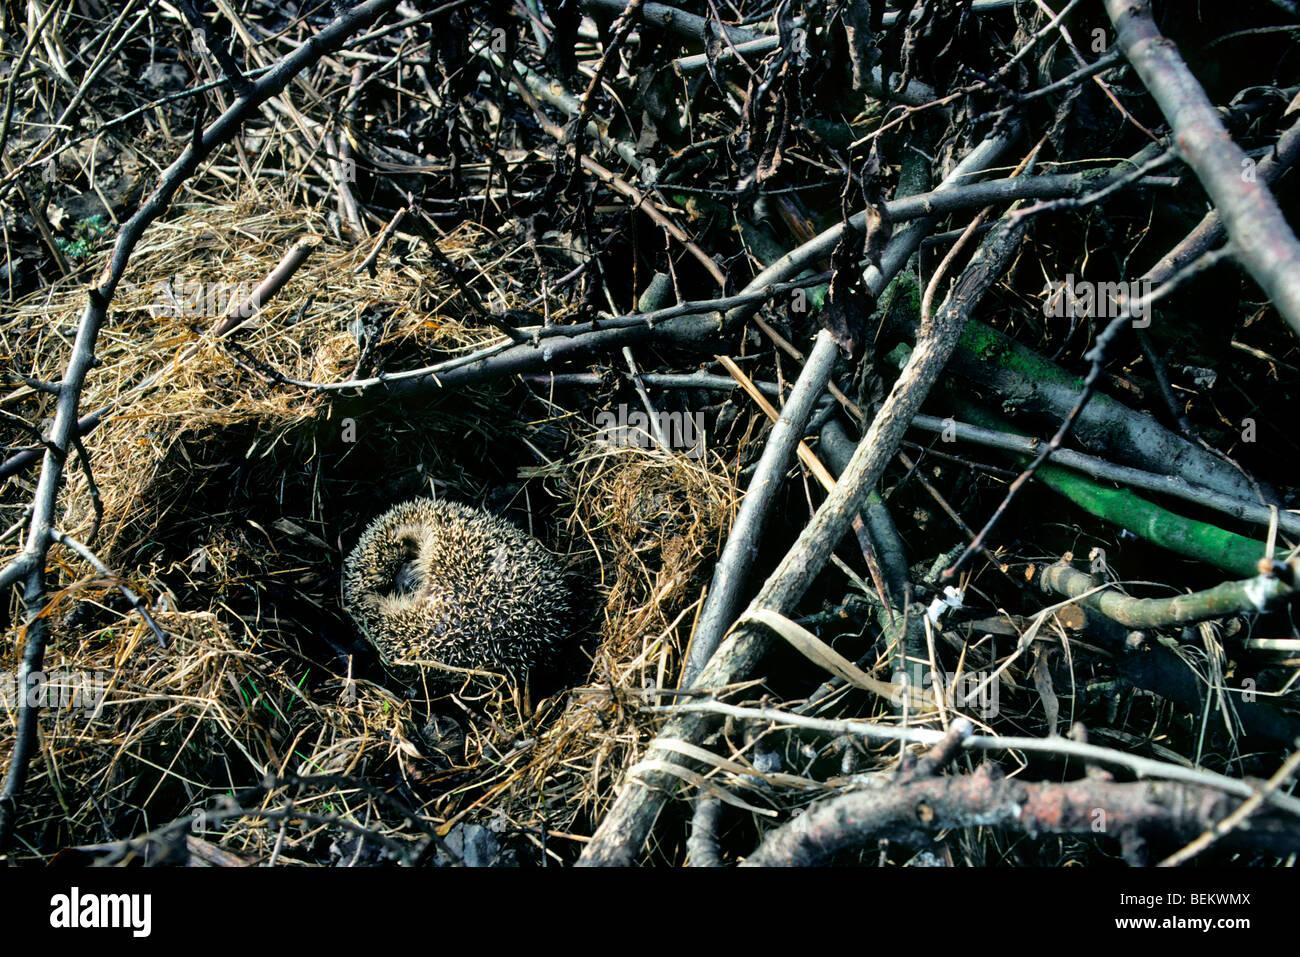 European hedgehog (Erinaceus europaeus) hibernating in nest amongst vegetation in garden - Stock Image